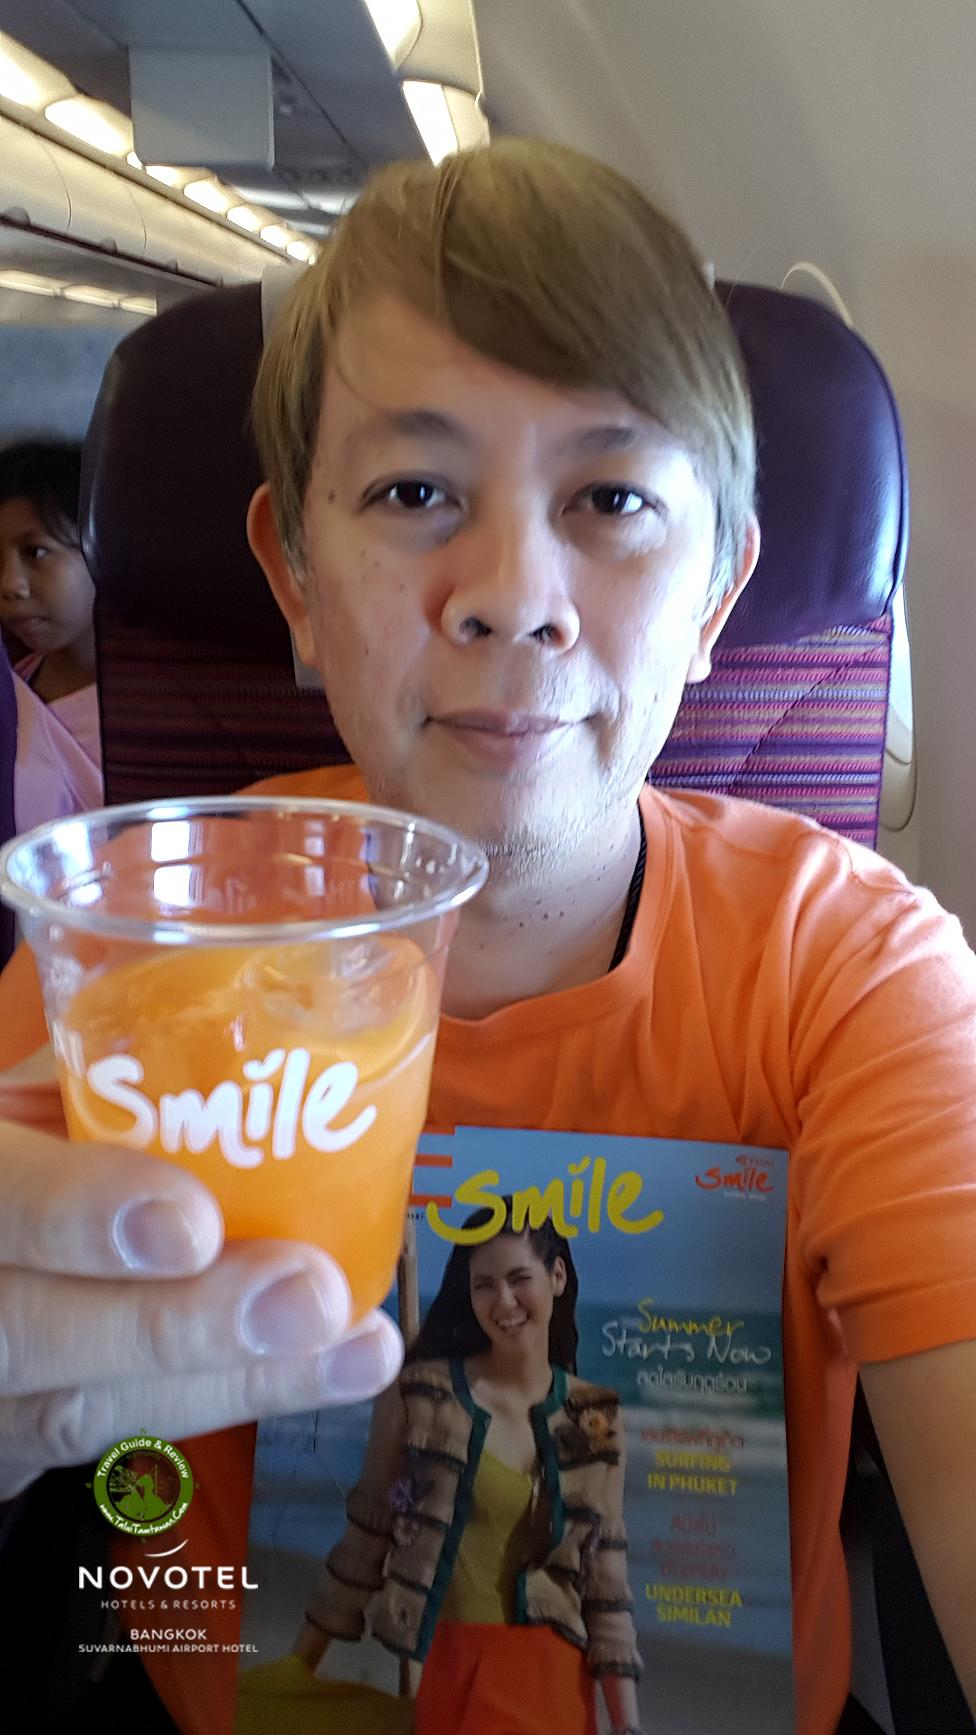 ตั้งแต่ ตะลุยตามตะวัน ใช้รถ Ranger ชอบบิน กลับบ้าน ตะลุยตามตะวัน ด้วย สีส้ม ThaiSmile ครับ